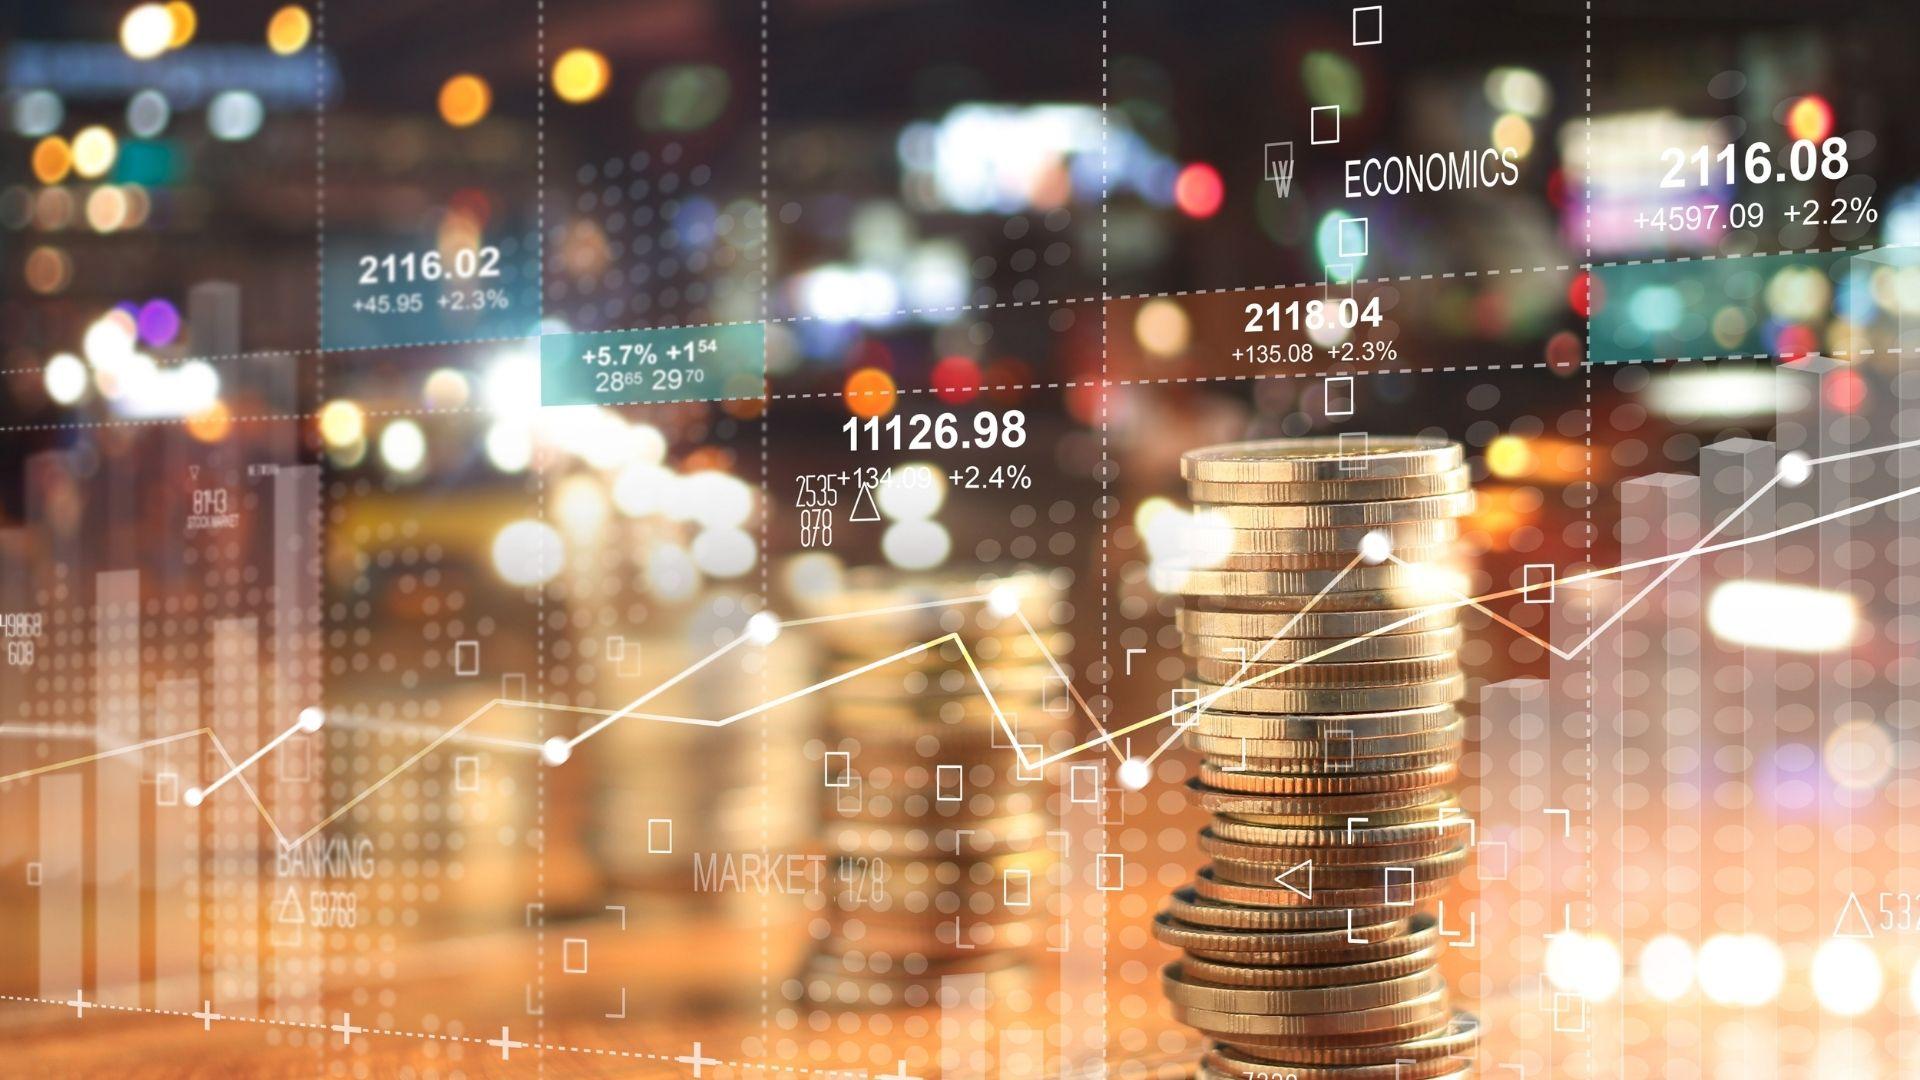 Τραπεζική, Λογιστική και Χρηματοοικονομική